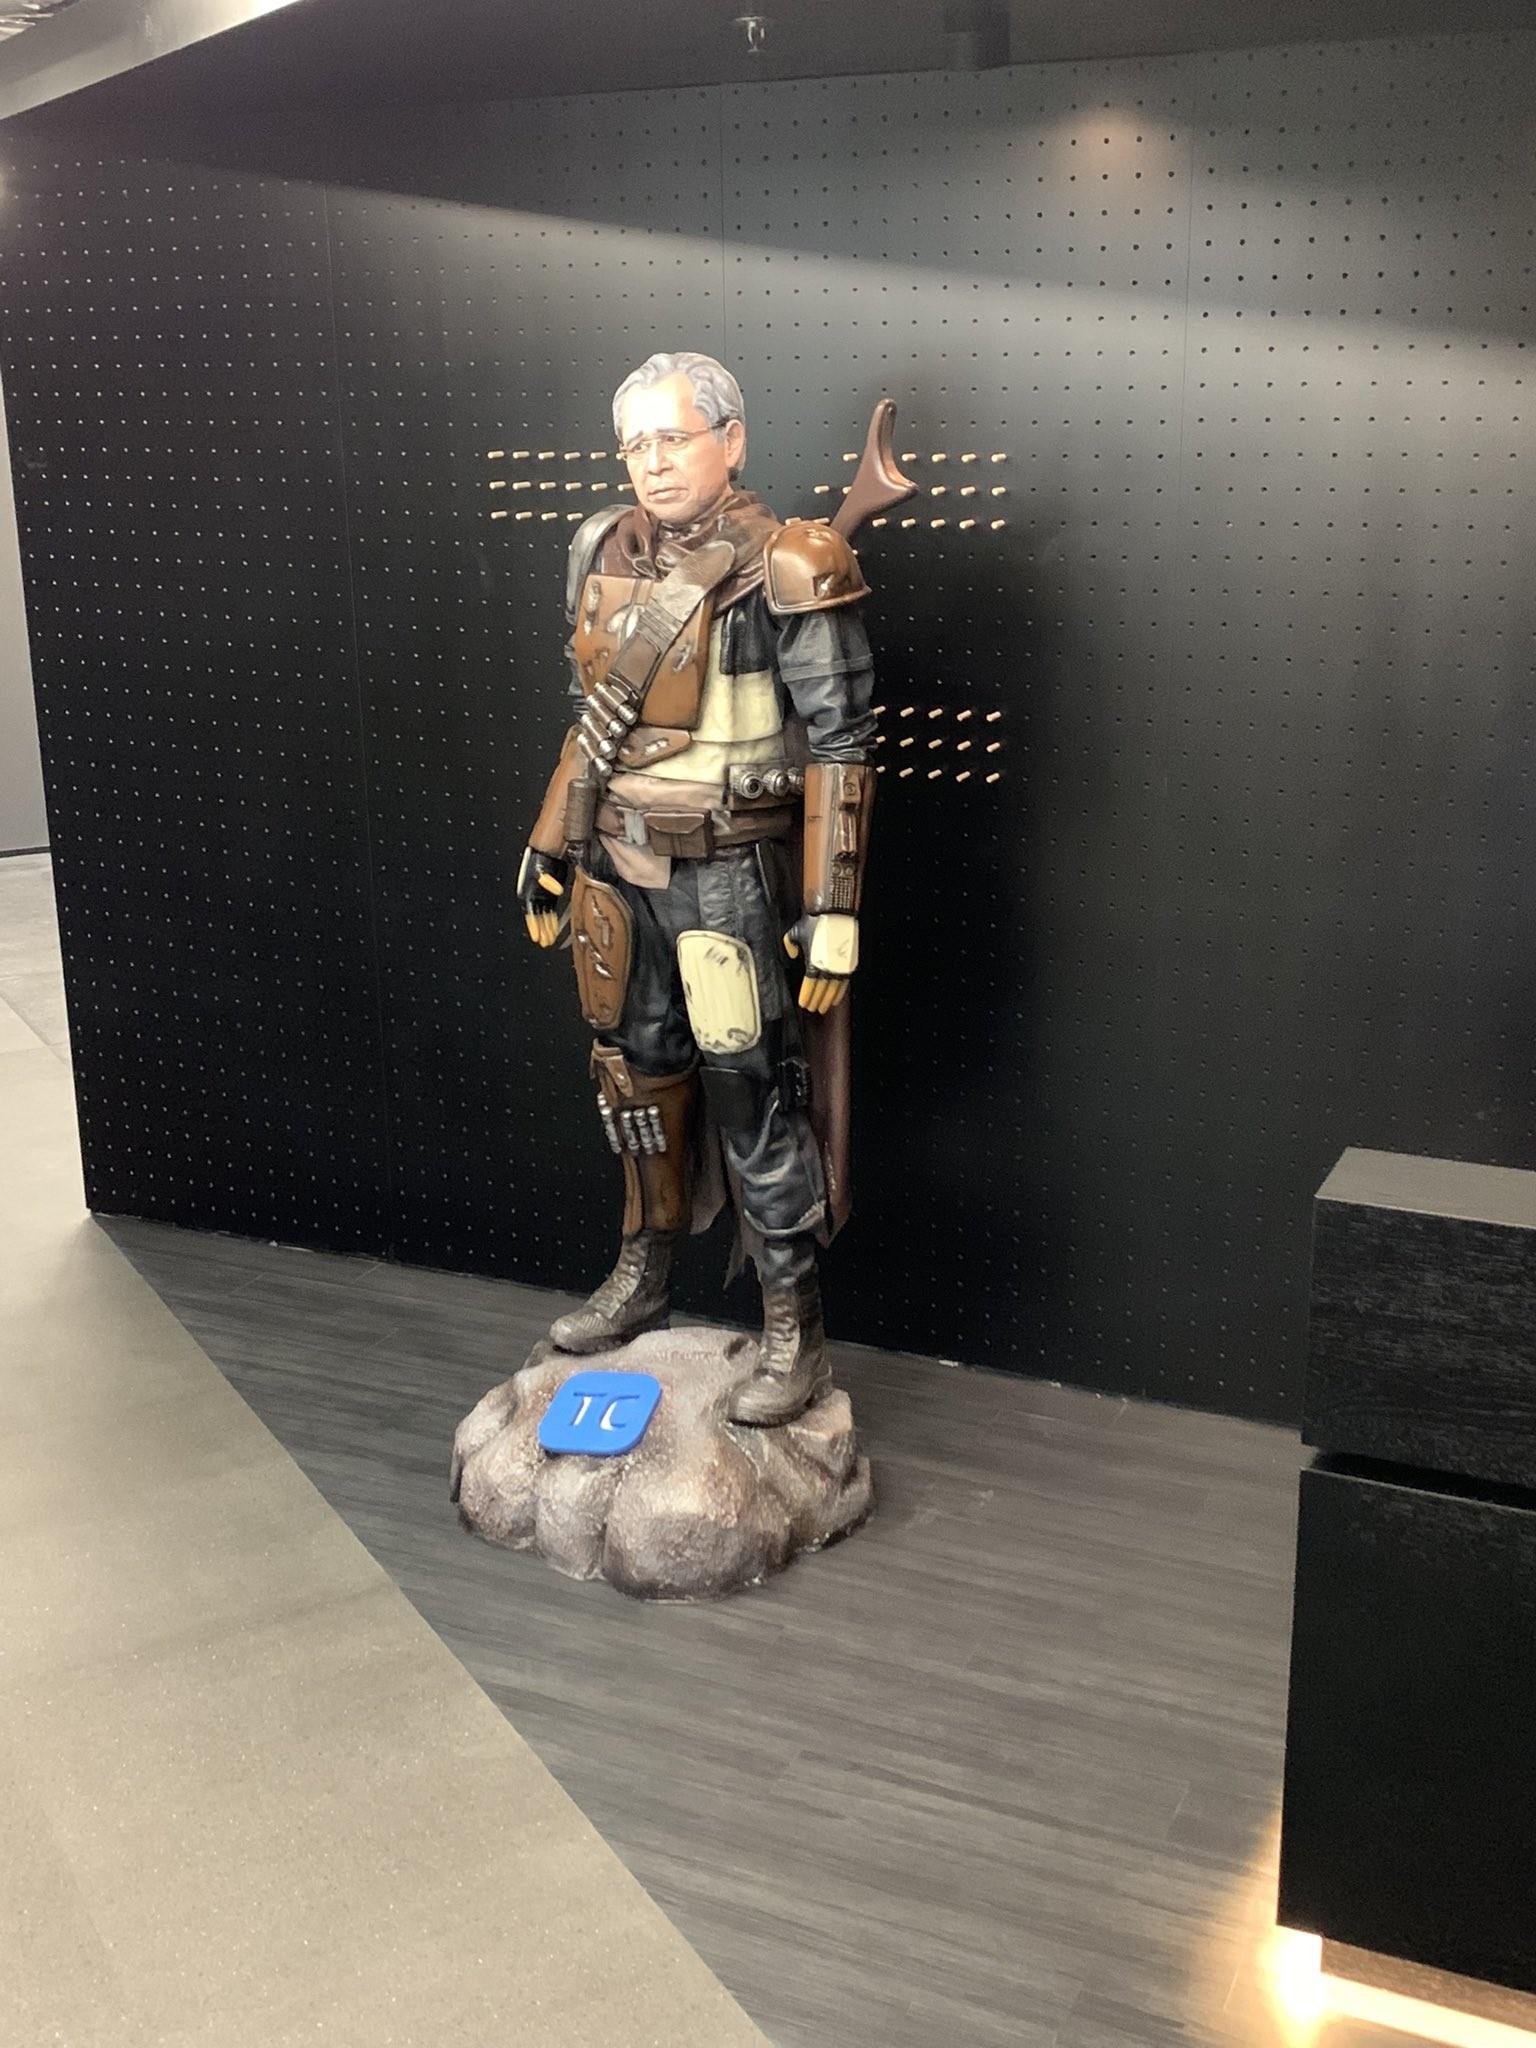 Paulo Guedes ganha estátua como personagem mandaloriano, do universo Star Wars, em sede de empresa na Faria Lima, em SP